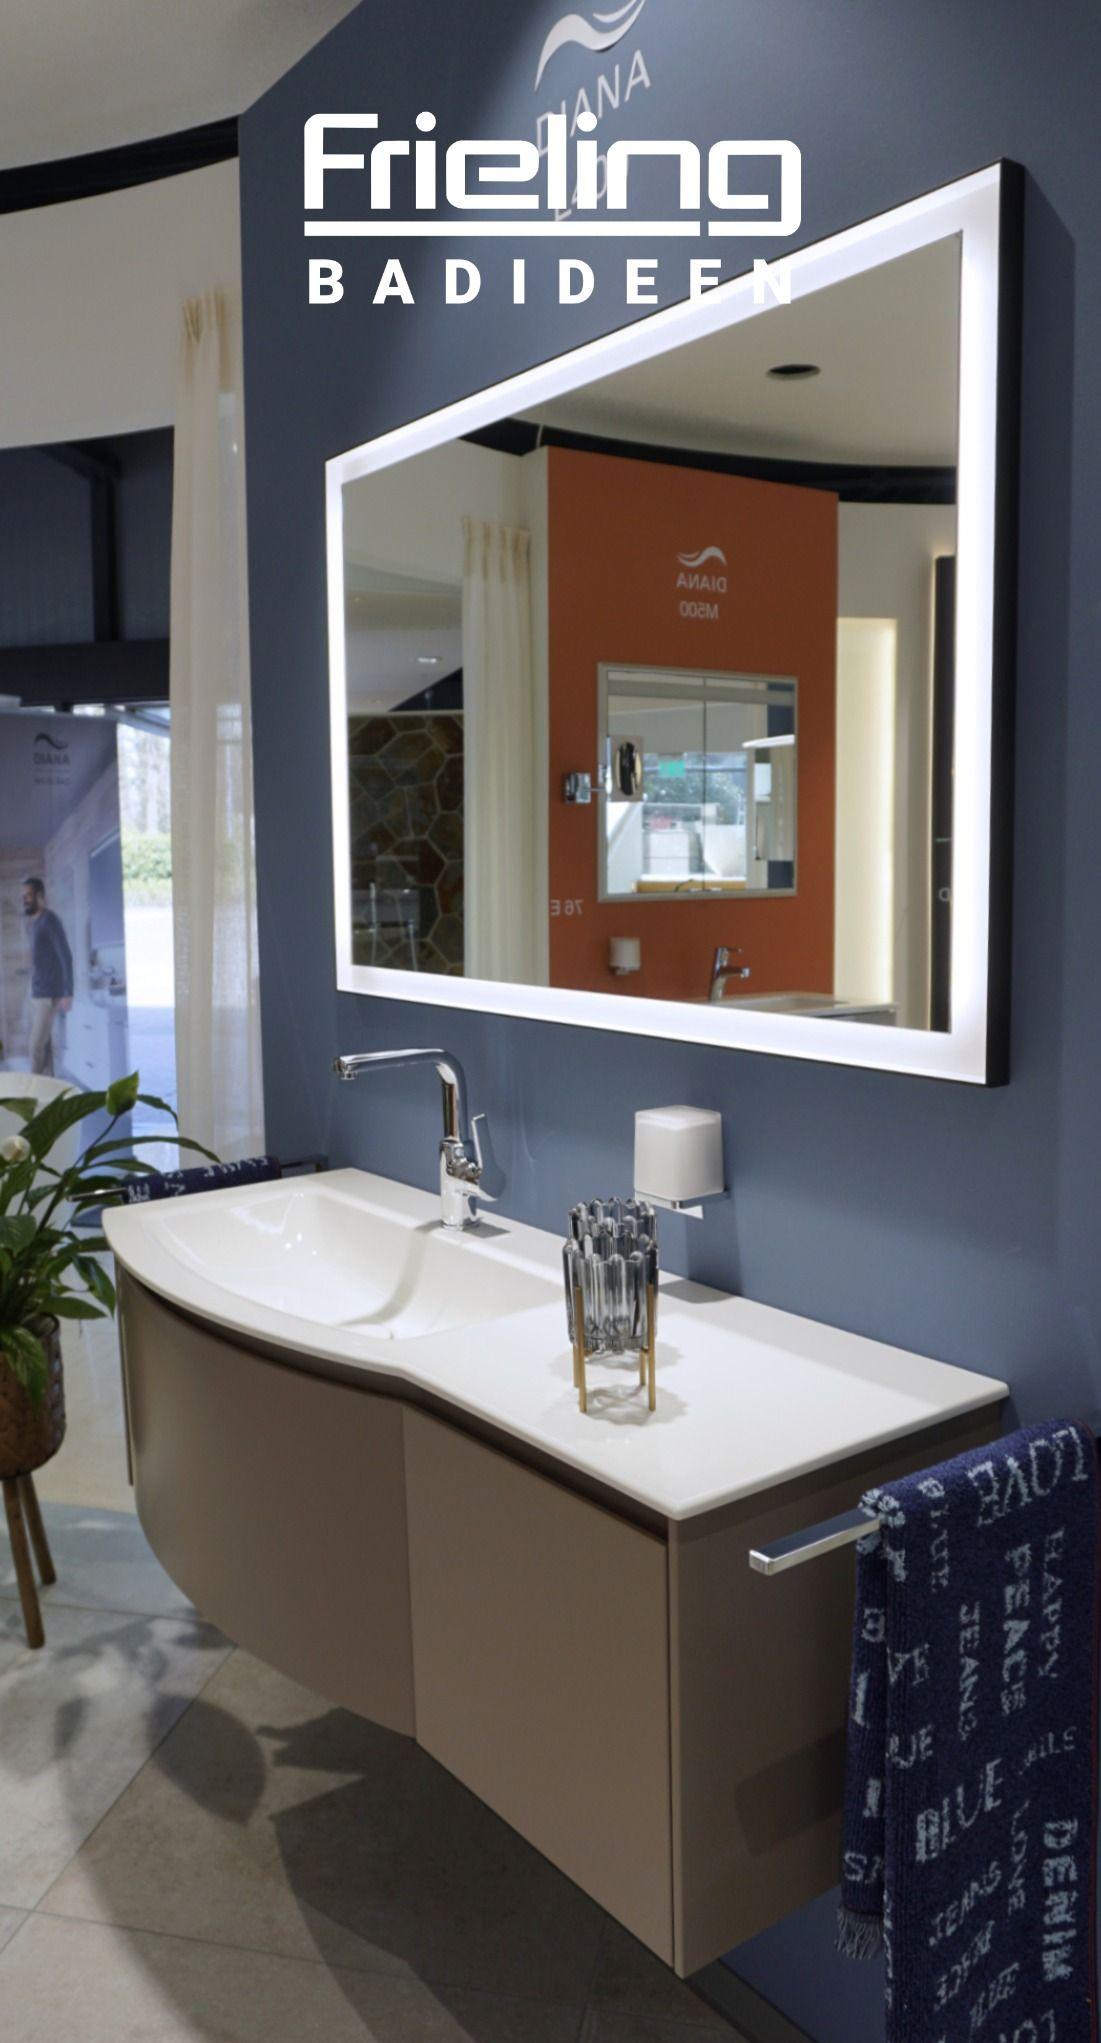 Badezimmer Nach Eigenen Vorstellungen Gestalten Planen Umsetzen Raum Nutzen Verschonern In 2021 Bader Ideen Bad Badezimmer